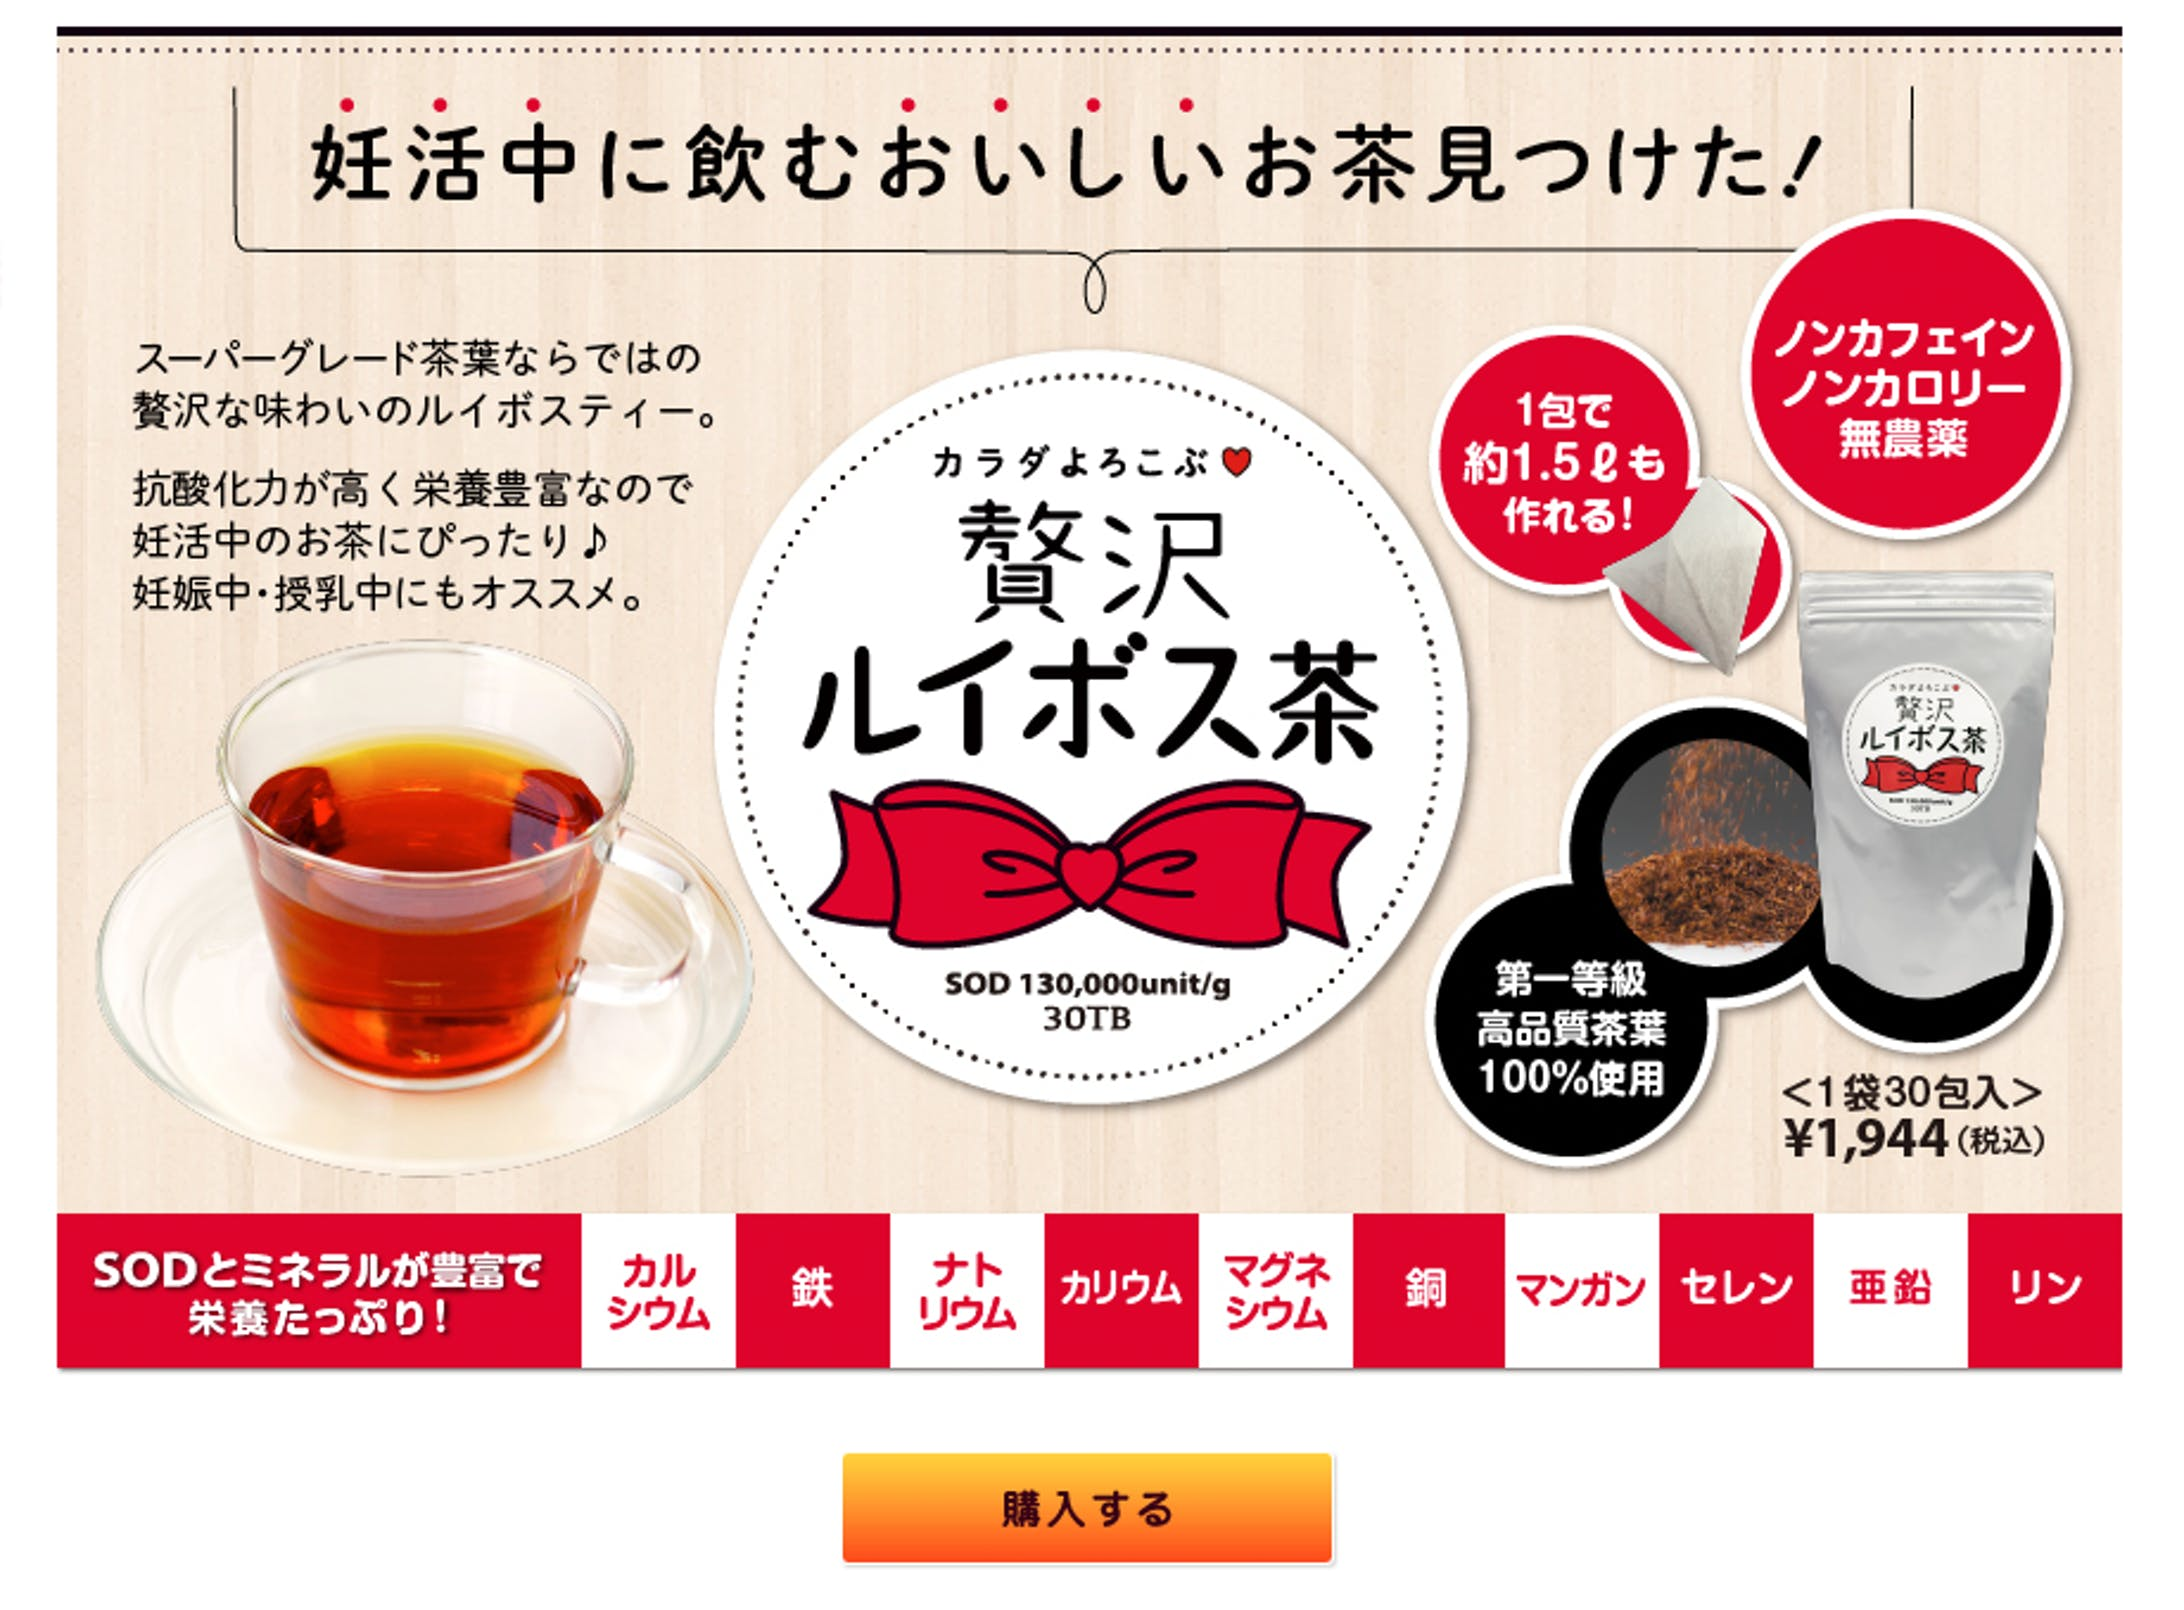 贅沢ルイボス茶[ランディングページ]-1